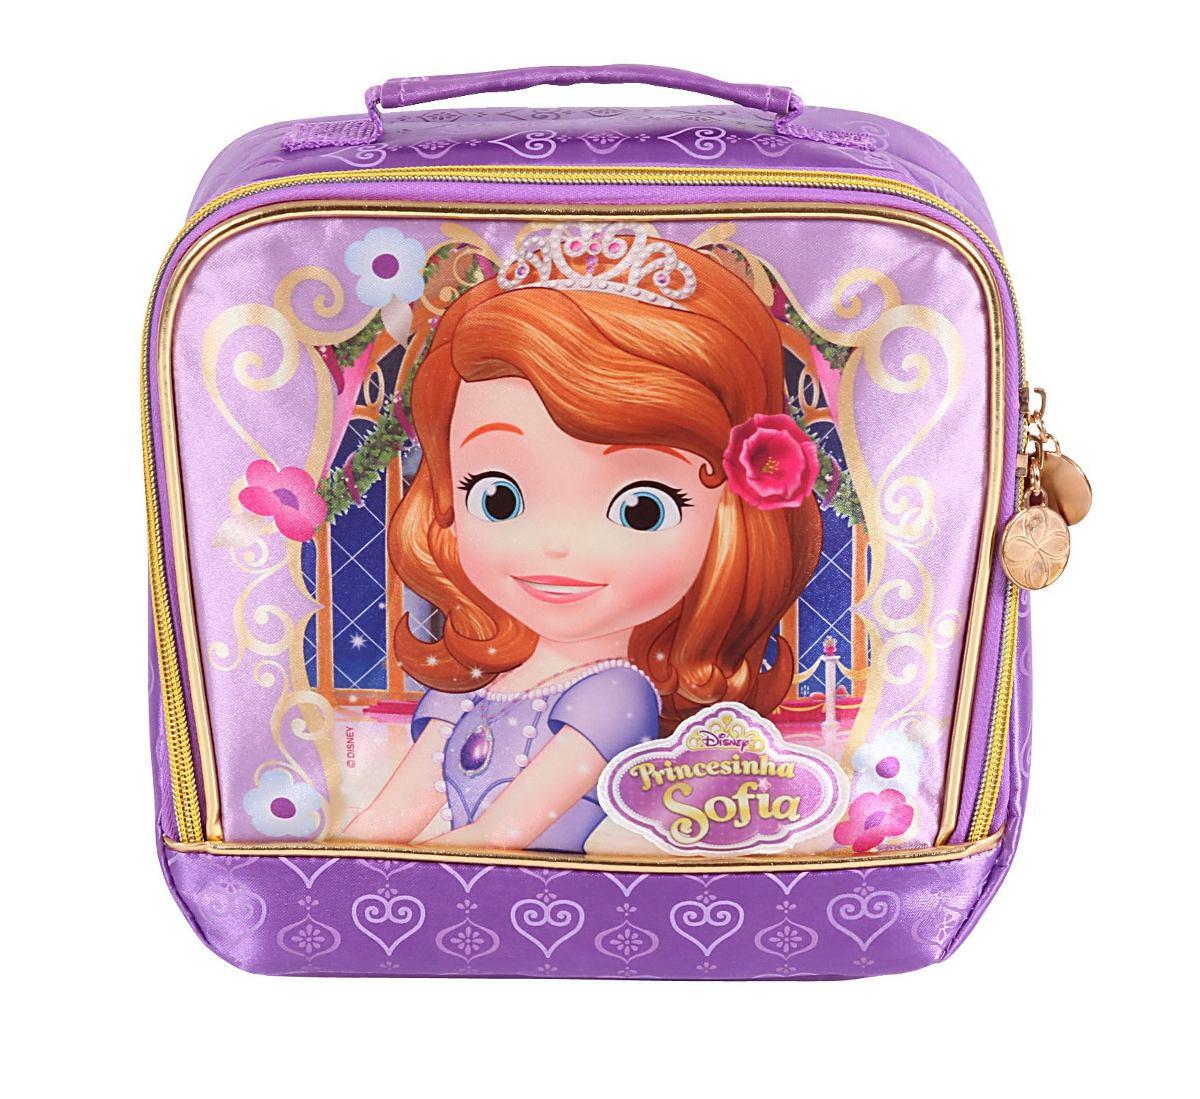 420319f59 kit mochilete g lancheira estojo disney princesa sofia eva. Carregando zoom.